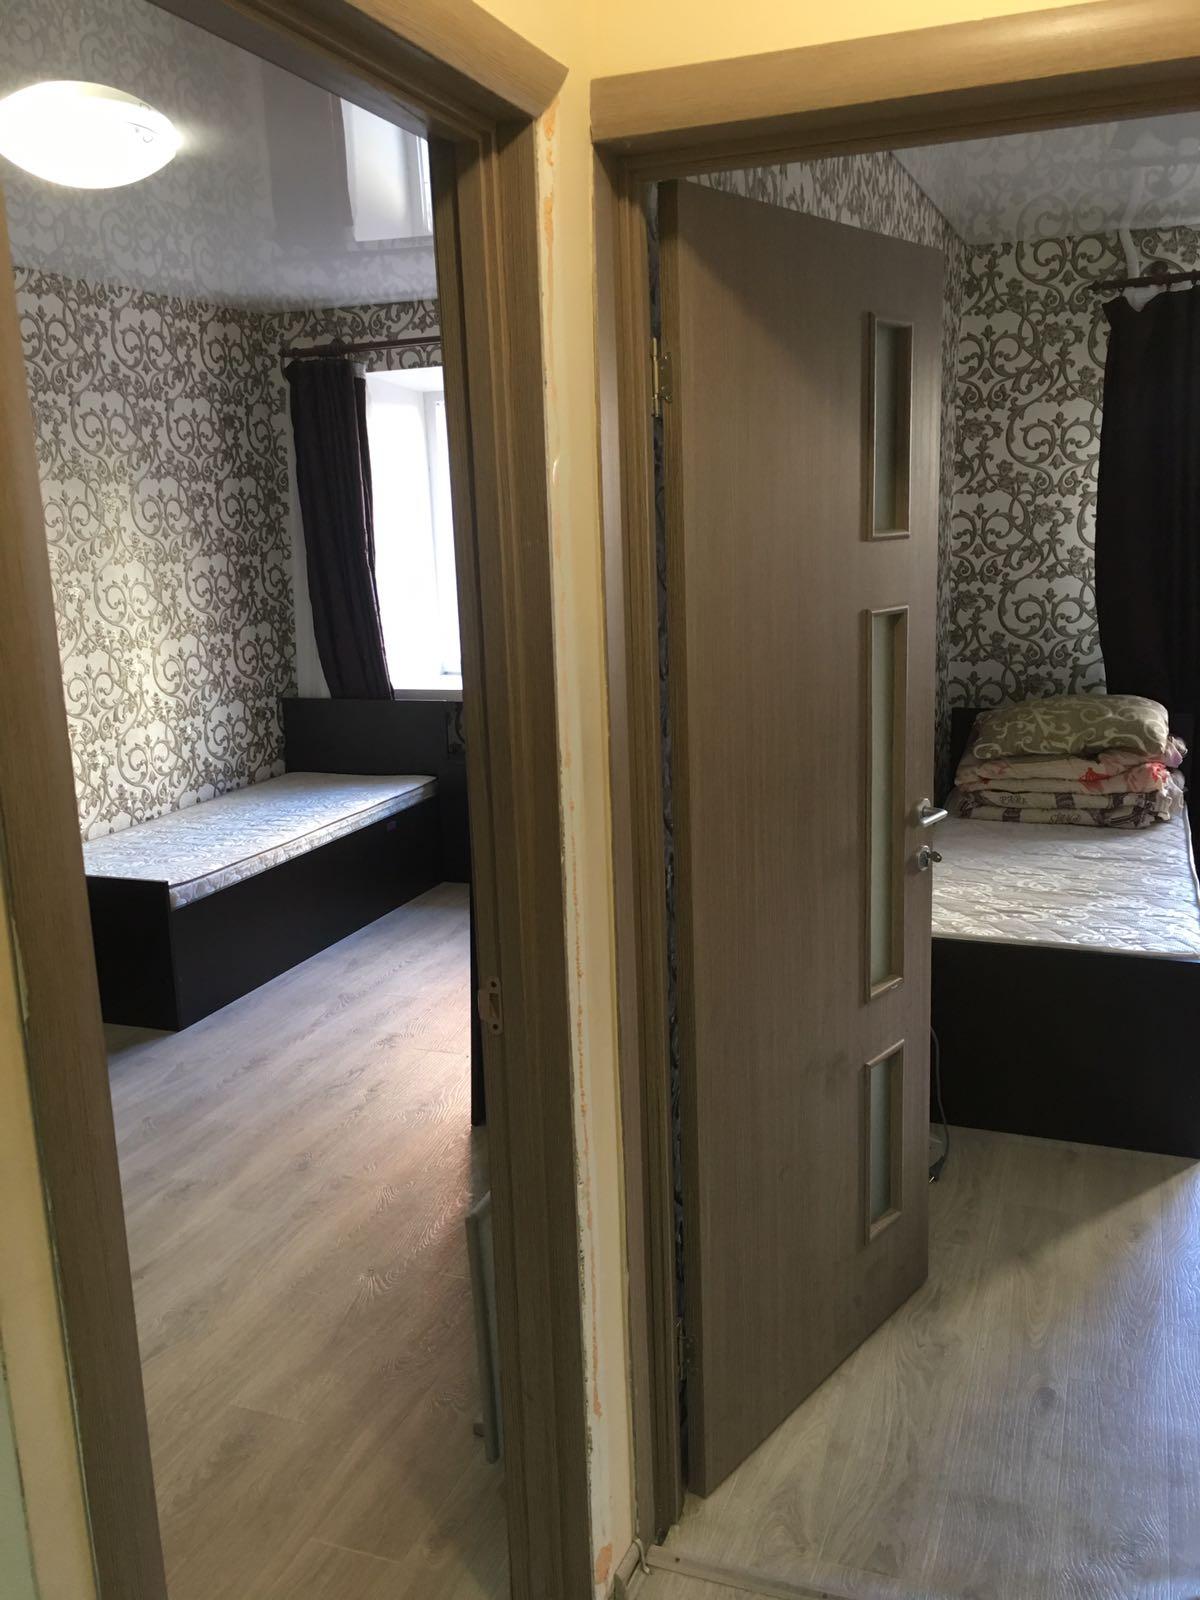 Odessa Politeknik Üniversitesi Lüx Yurt Odası 4